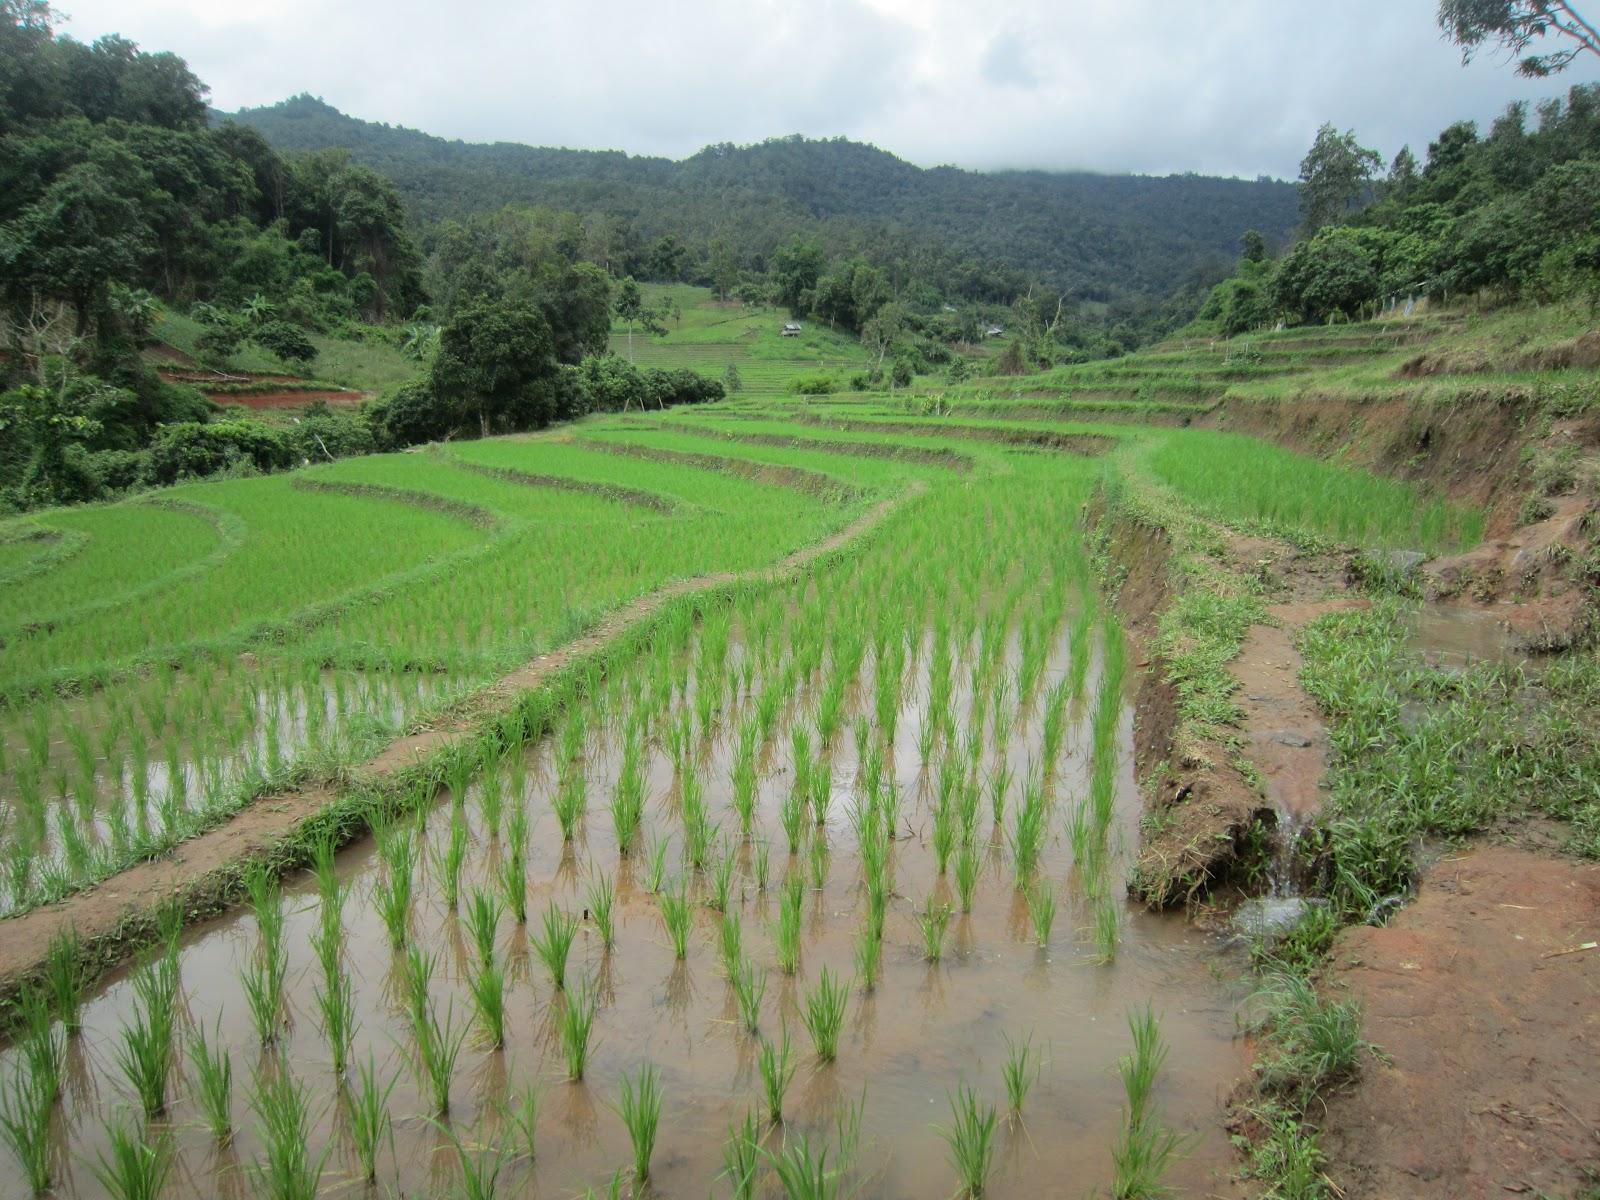 Cambogia e Tailandia 2012: Coltivazione del riso